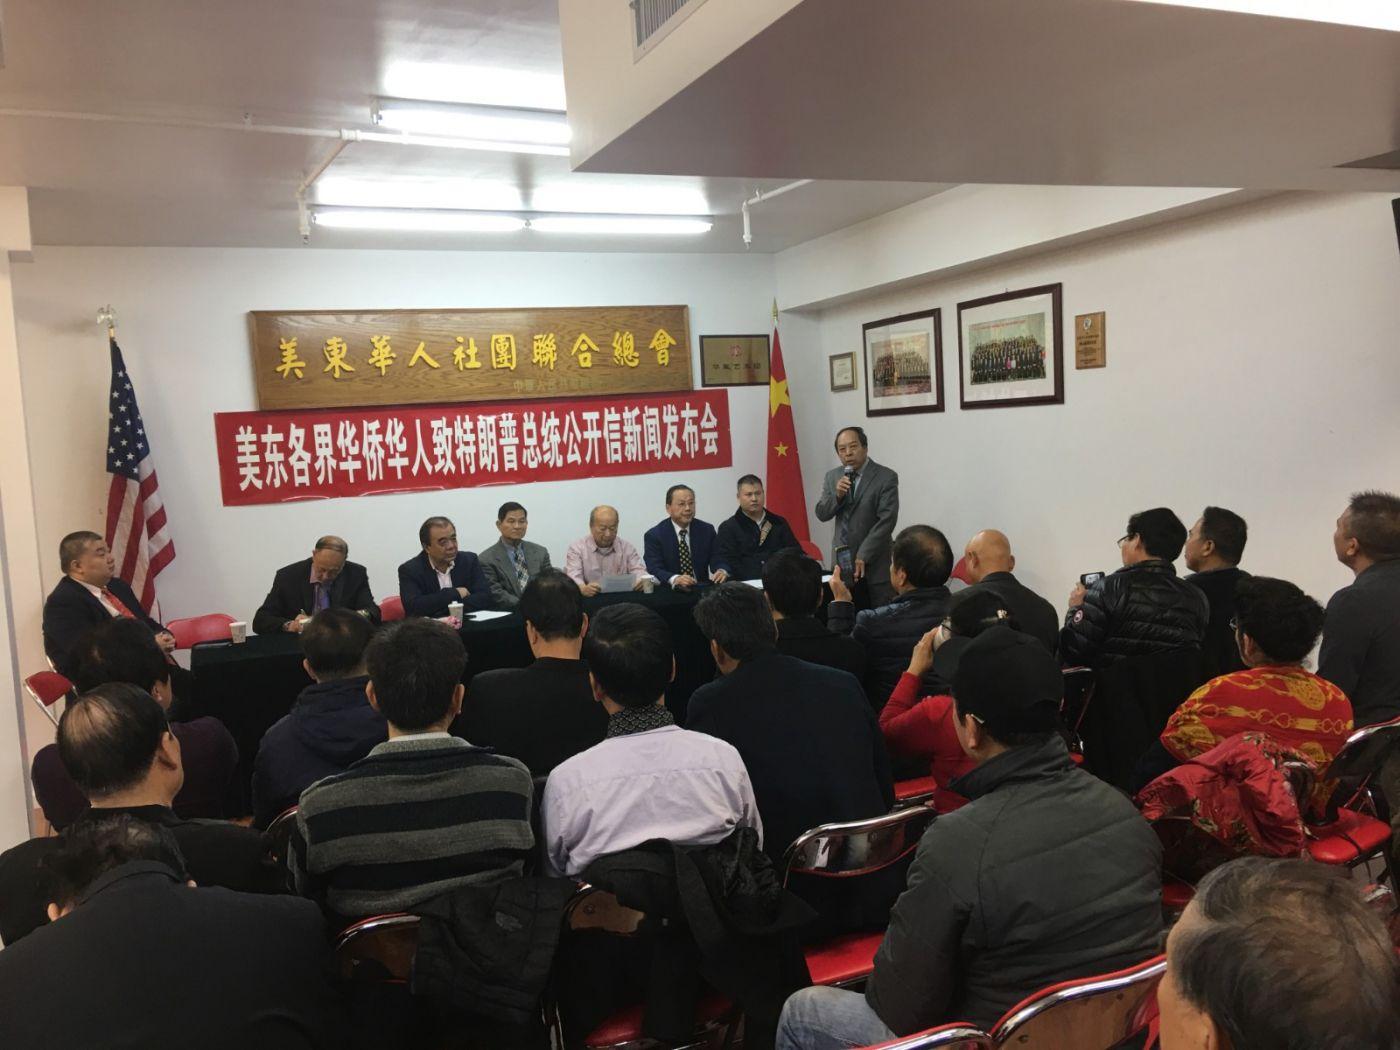 美東各界華僑華人致特朗普總統公開信新聞發佈會_图1-2